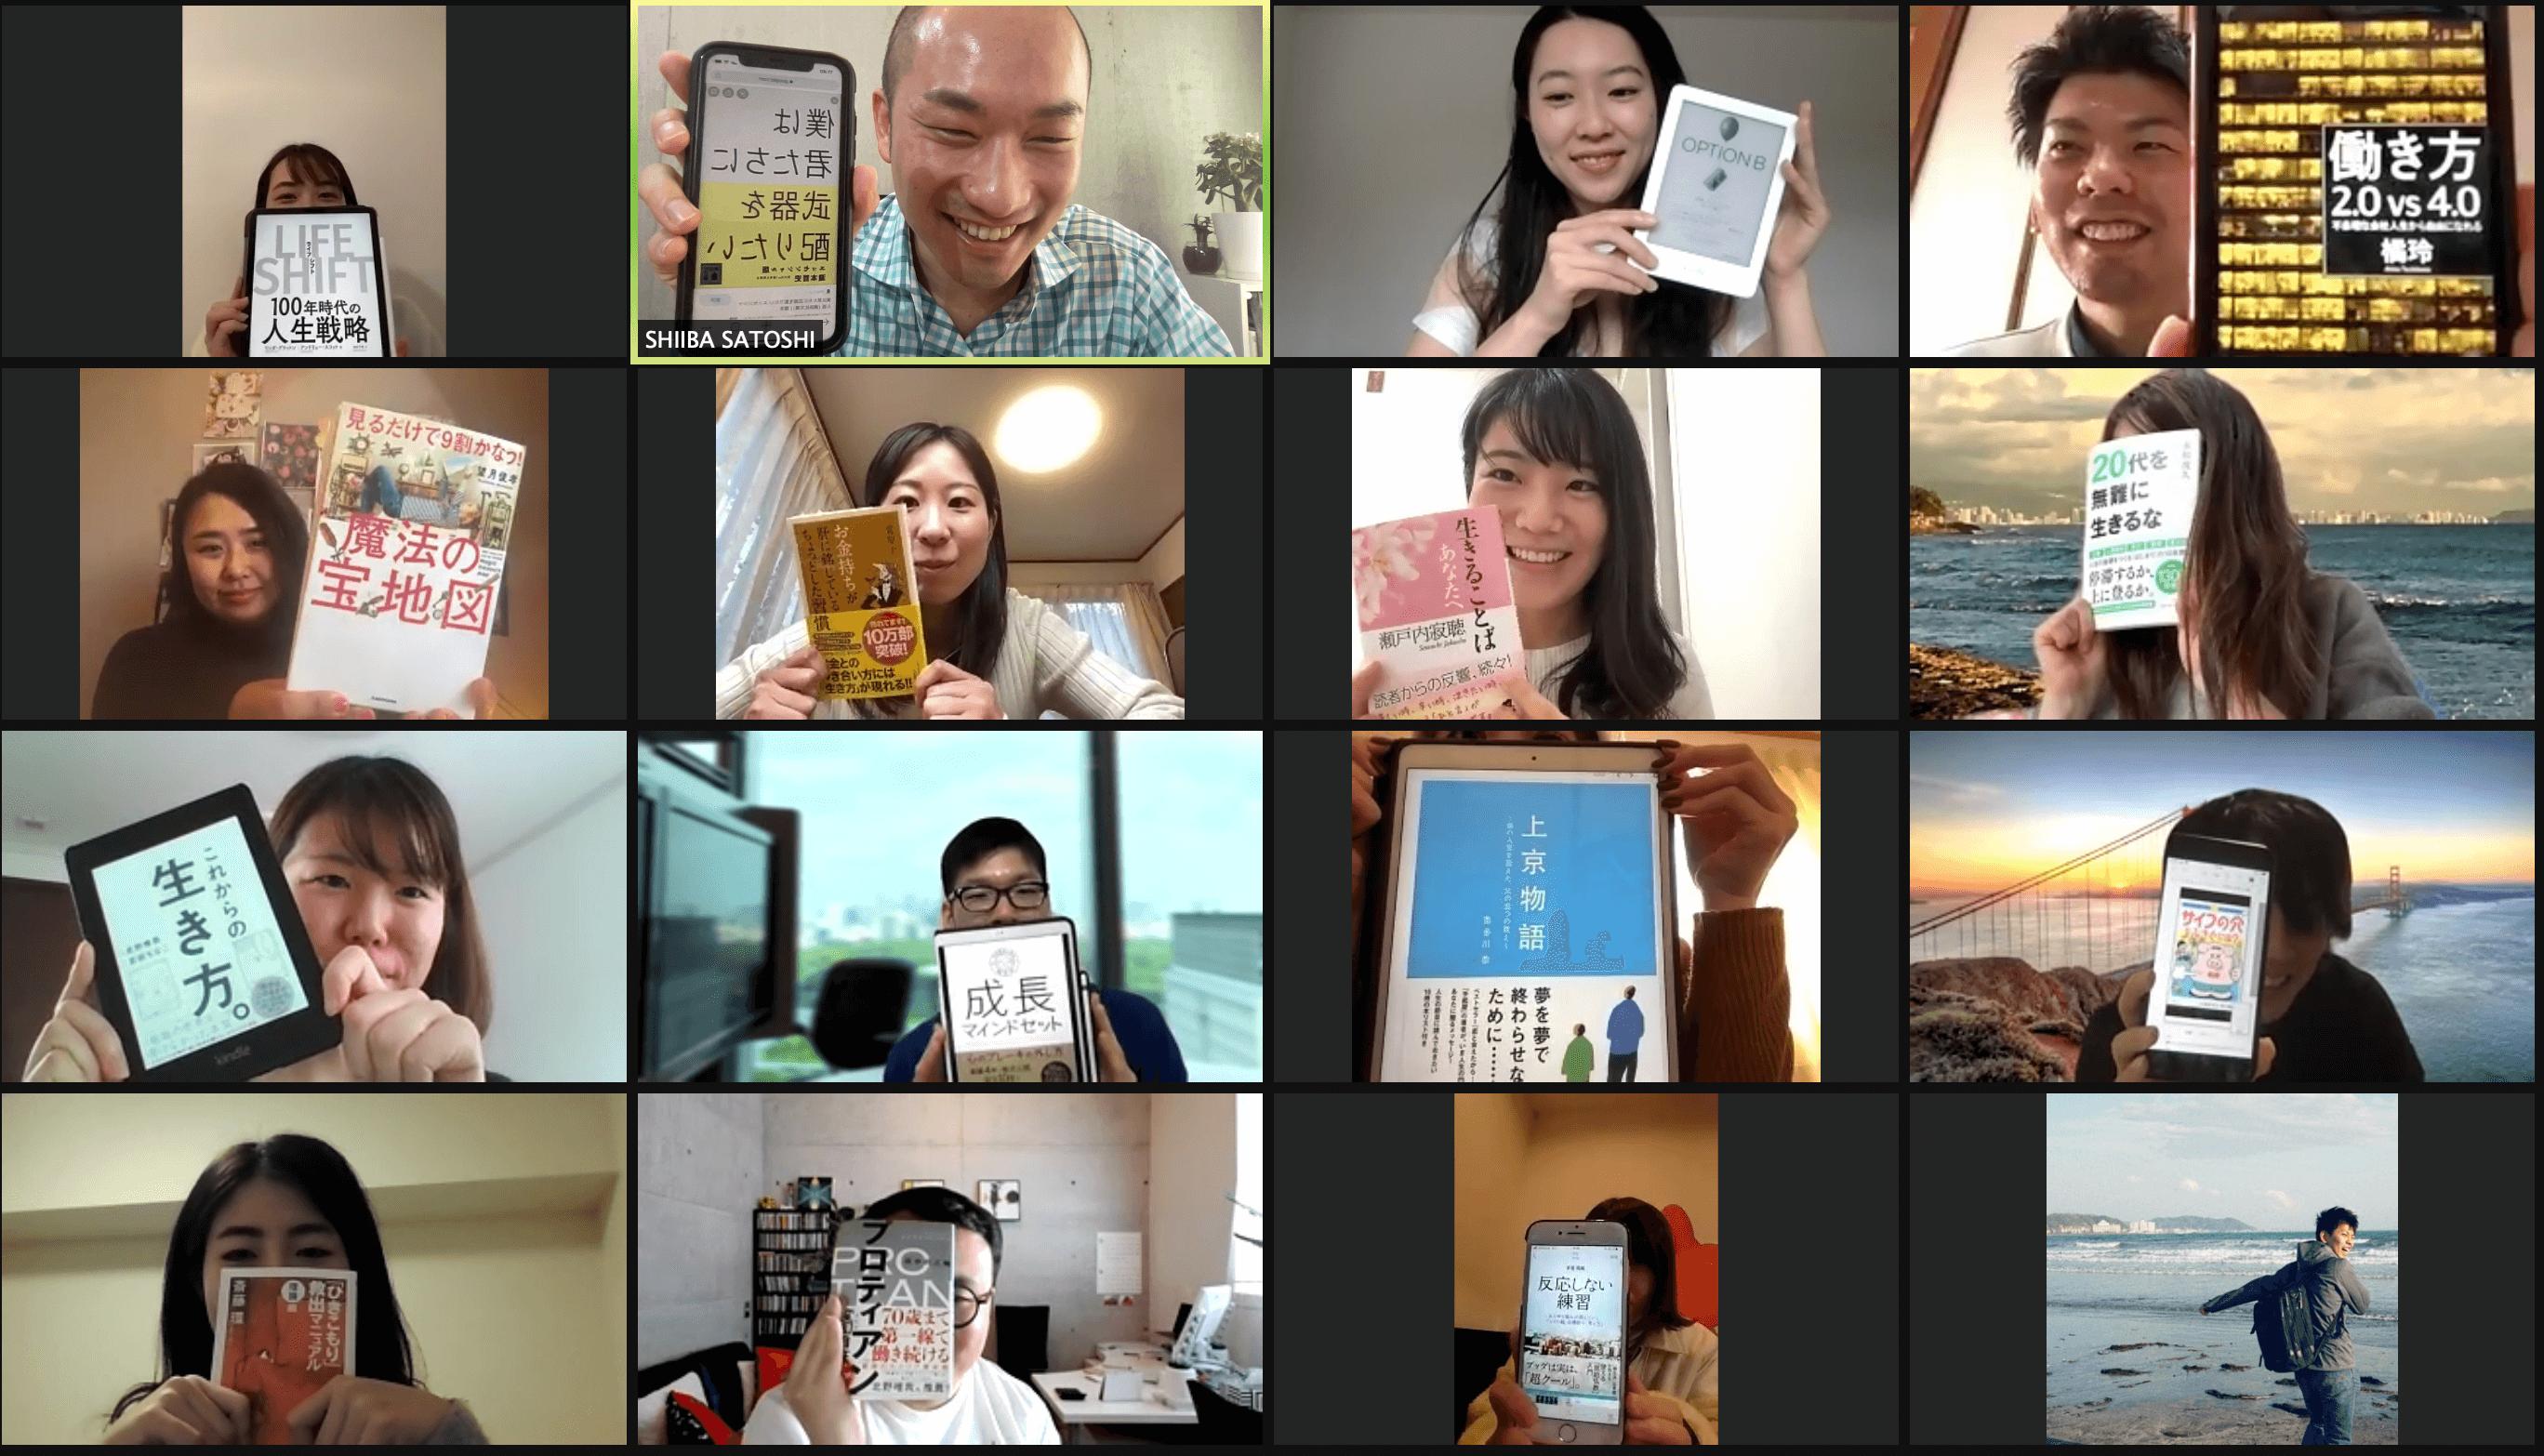 2020/5/2 Zoomオンライン読書会の開催報告